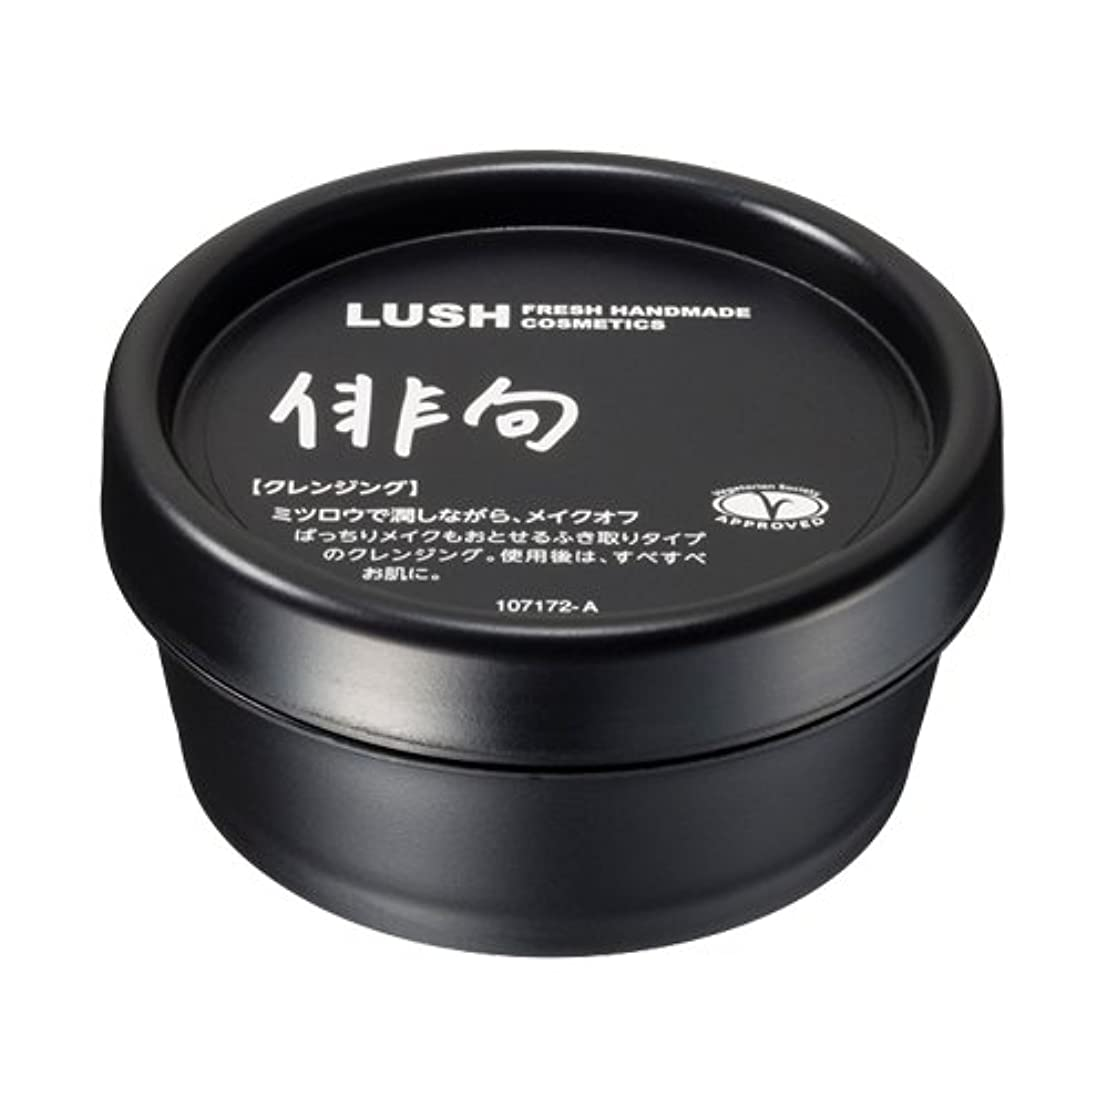 アルファベットモトリーダルセットラッシュ 俳句(45g)